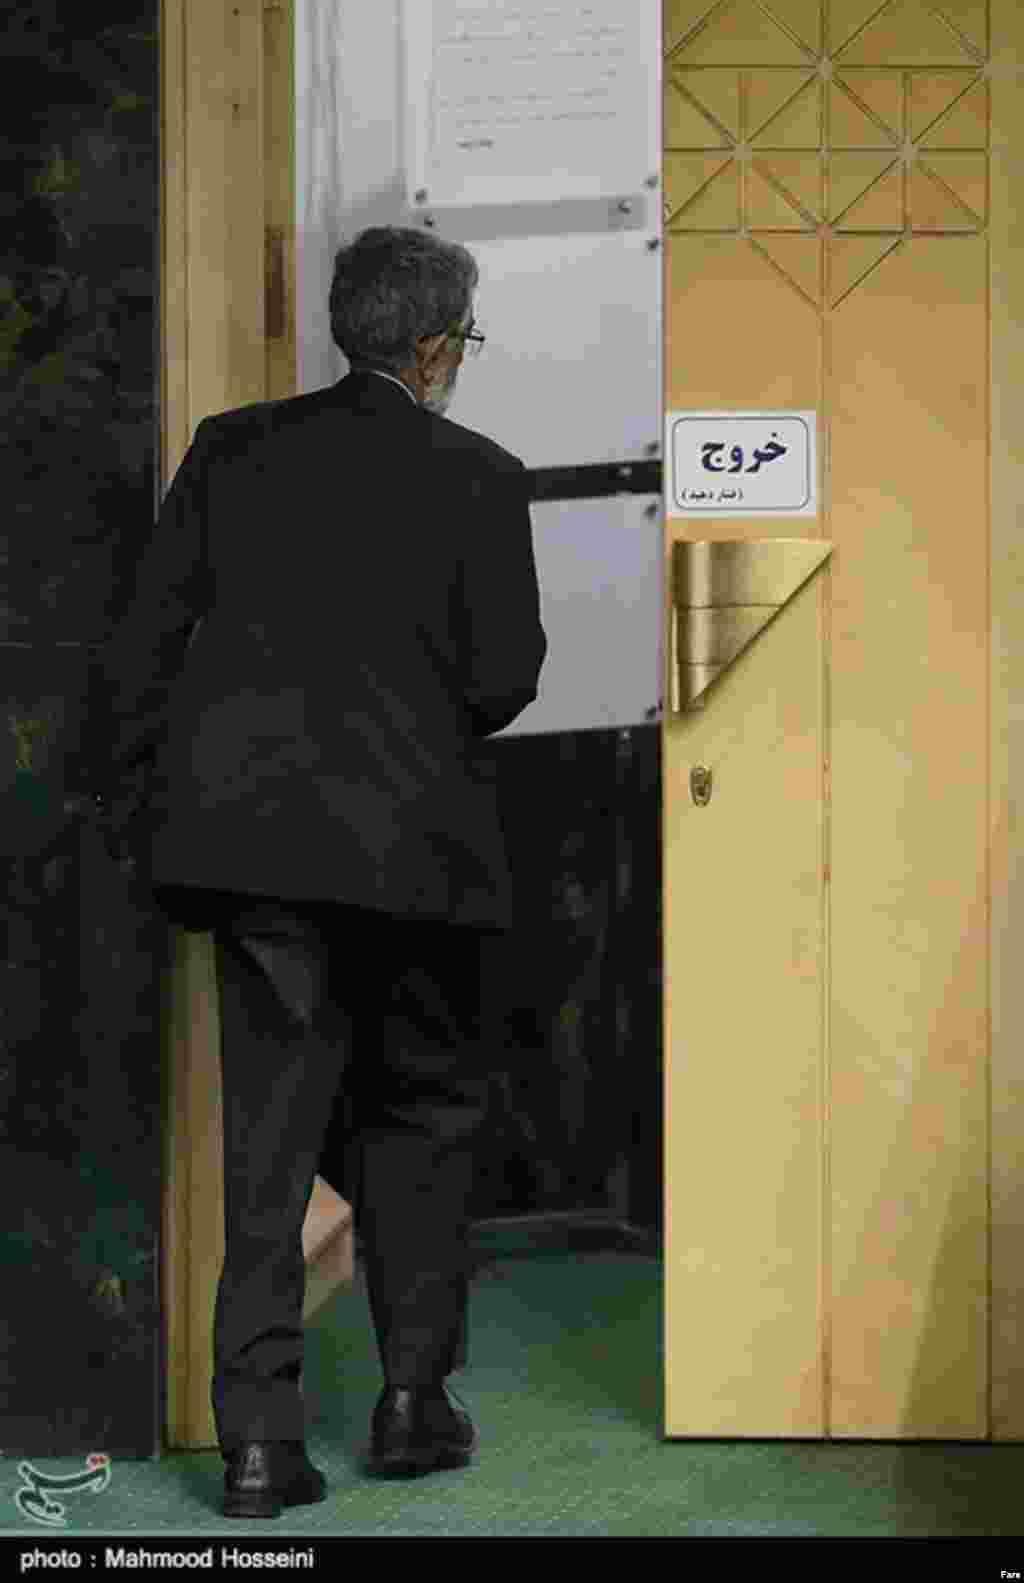 """این عکس خبرنگار تسنیم جالب است. چند روز بعد از مشخص شدن اینکه غلامعلی حداد عادل در مجلس بعد جایی ندارد، عکاس، او را قبل از خروج از جلسه علنی، در کنار نشانه """"خروج"""" ثبت کرده است. آقای حدادعادل پدر زن فرزند آیت الله خامنه ای است و در چهار دوره اخیر، نماینده مجلس بود."""